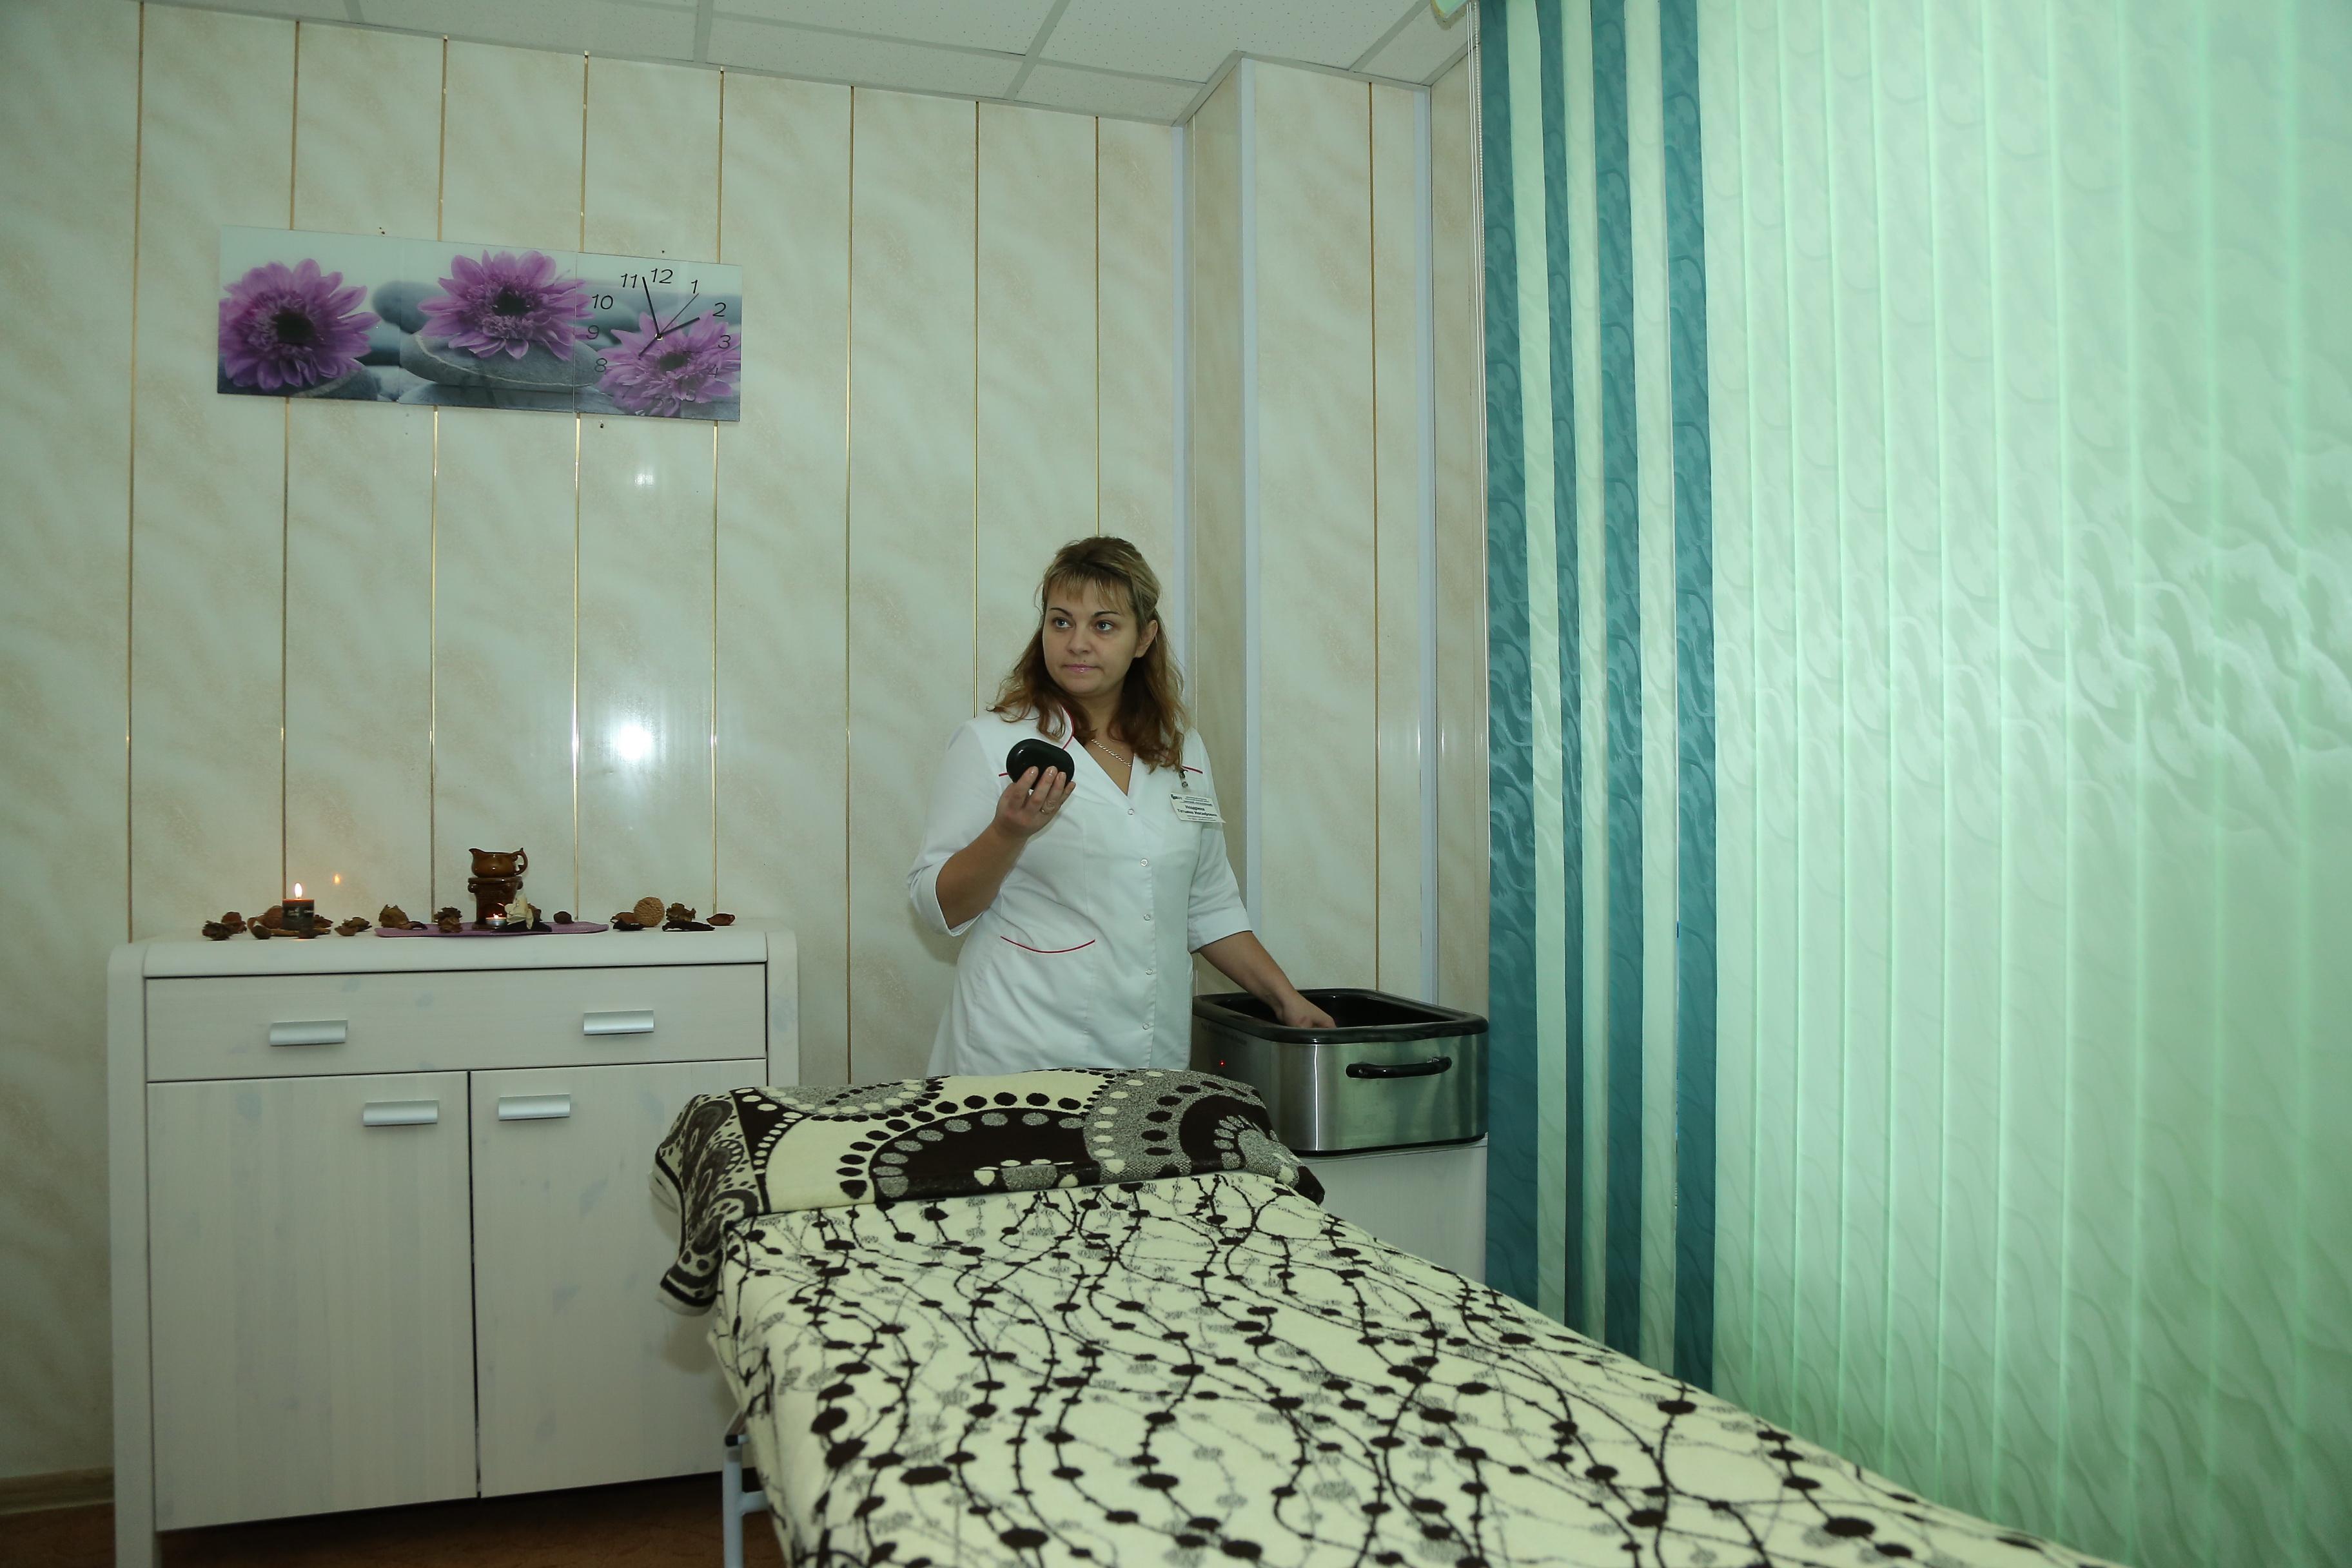 Инструктор-методист по физреабилитации Татьяна Ноздрина перед каждой процедурой разогревает камни около получаса